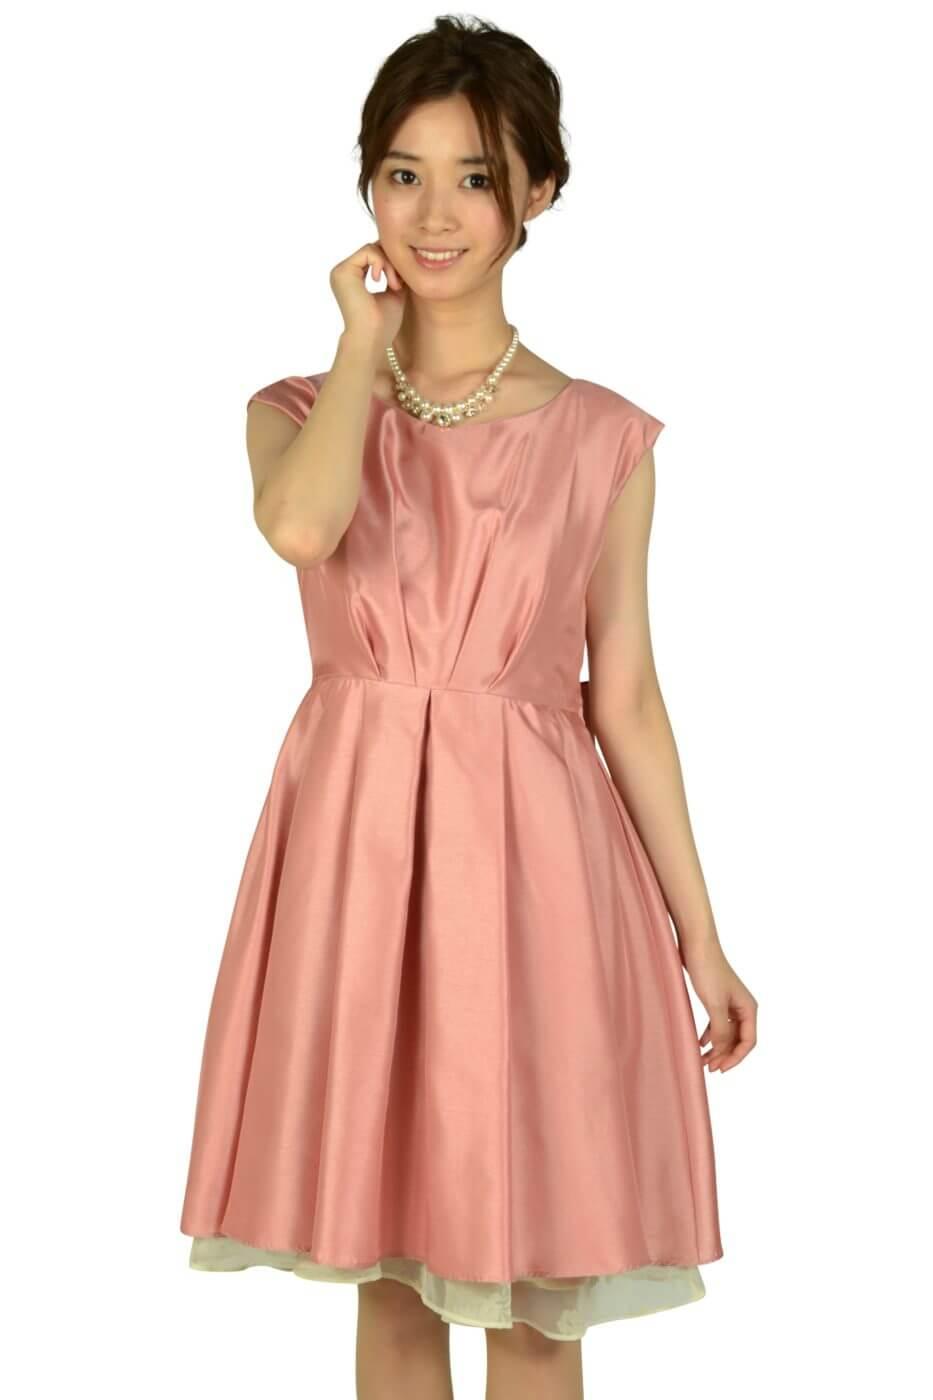 アグレアーブル (Agreable)タック&フラワーオーガンジーピンクドレス